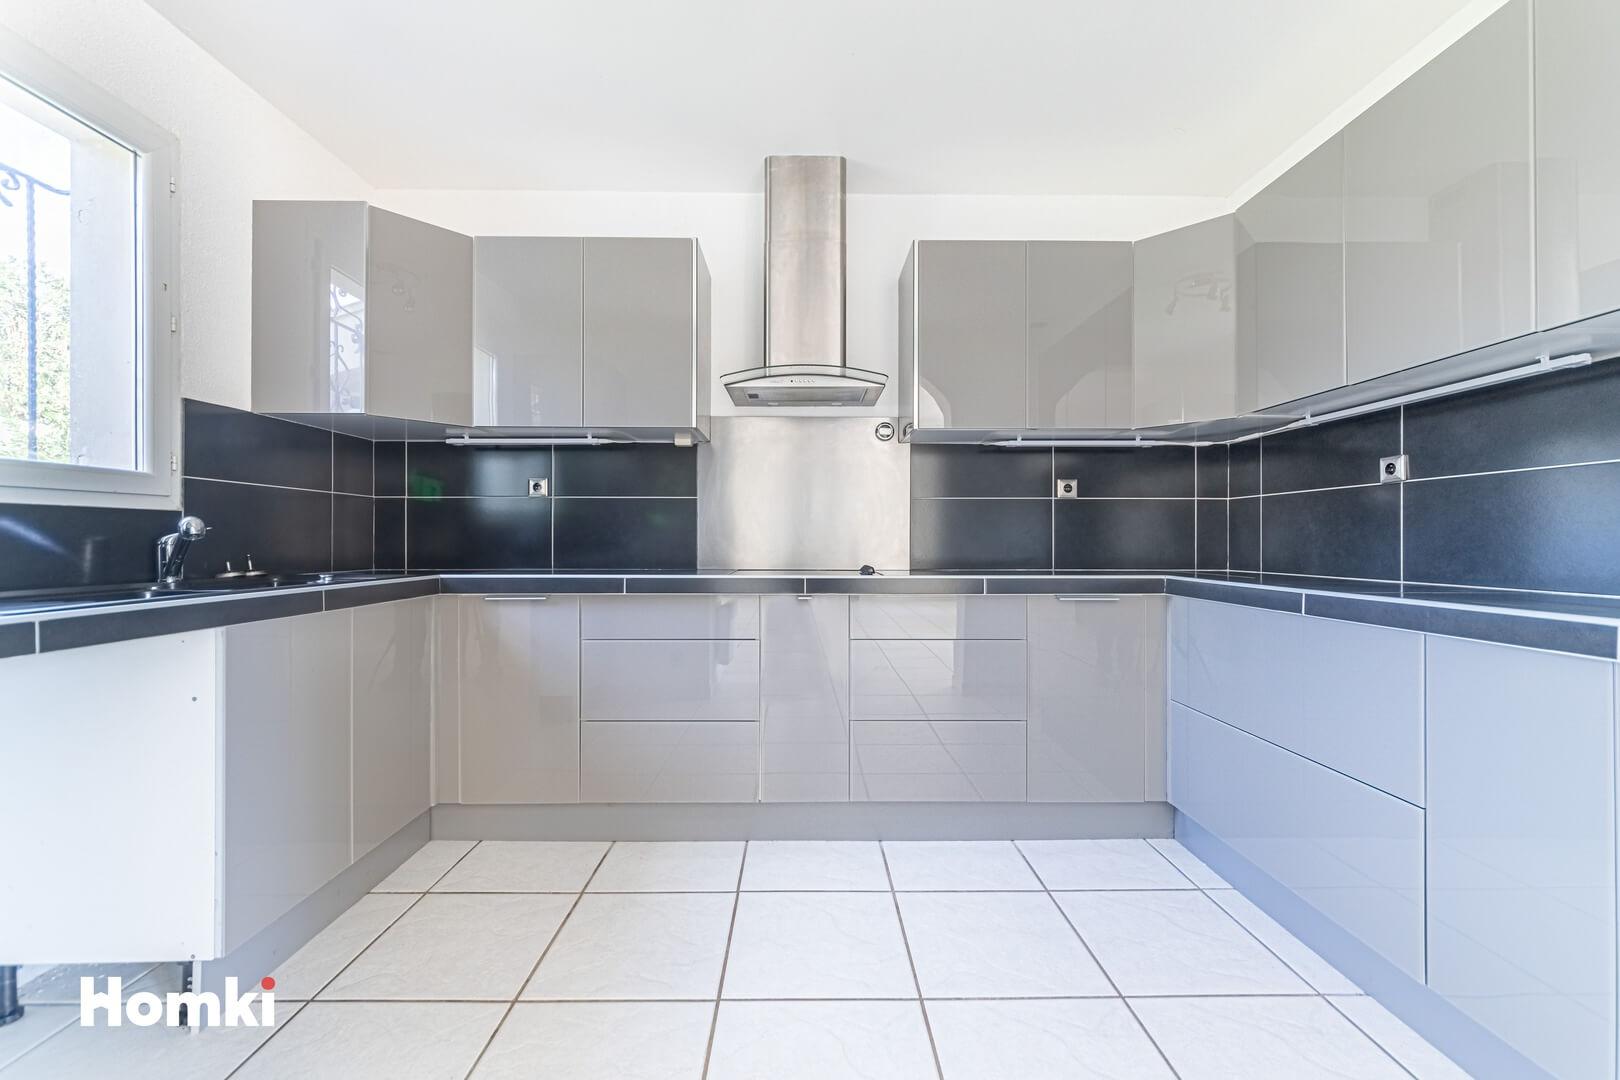 Homki - Vente Maison/villa  de 212.0 m² à Nimes 30900